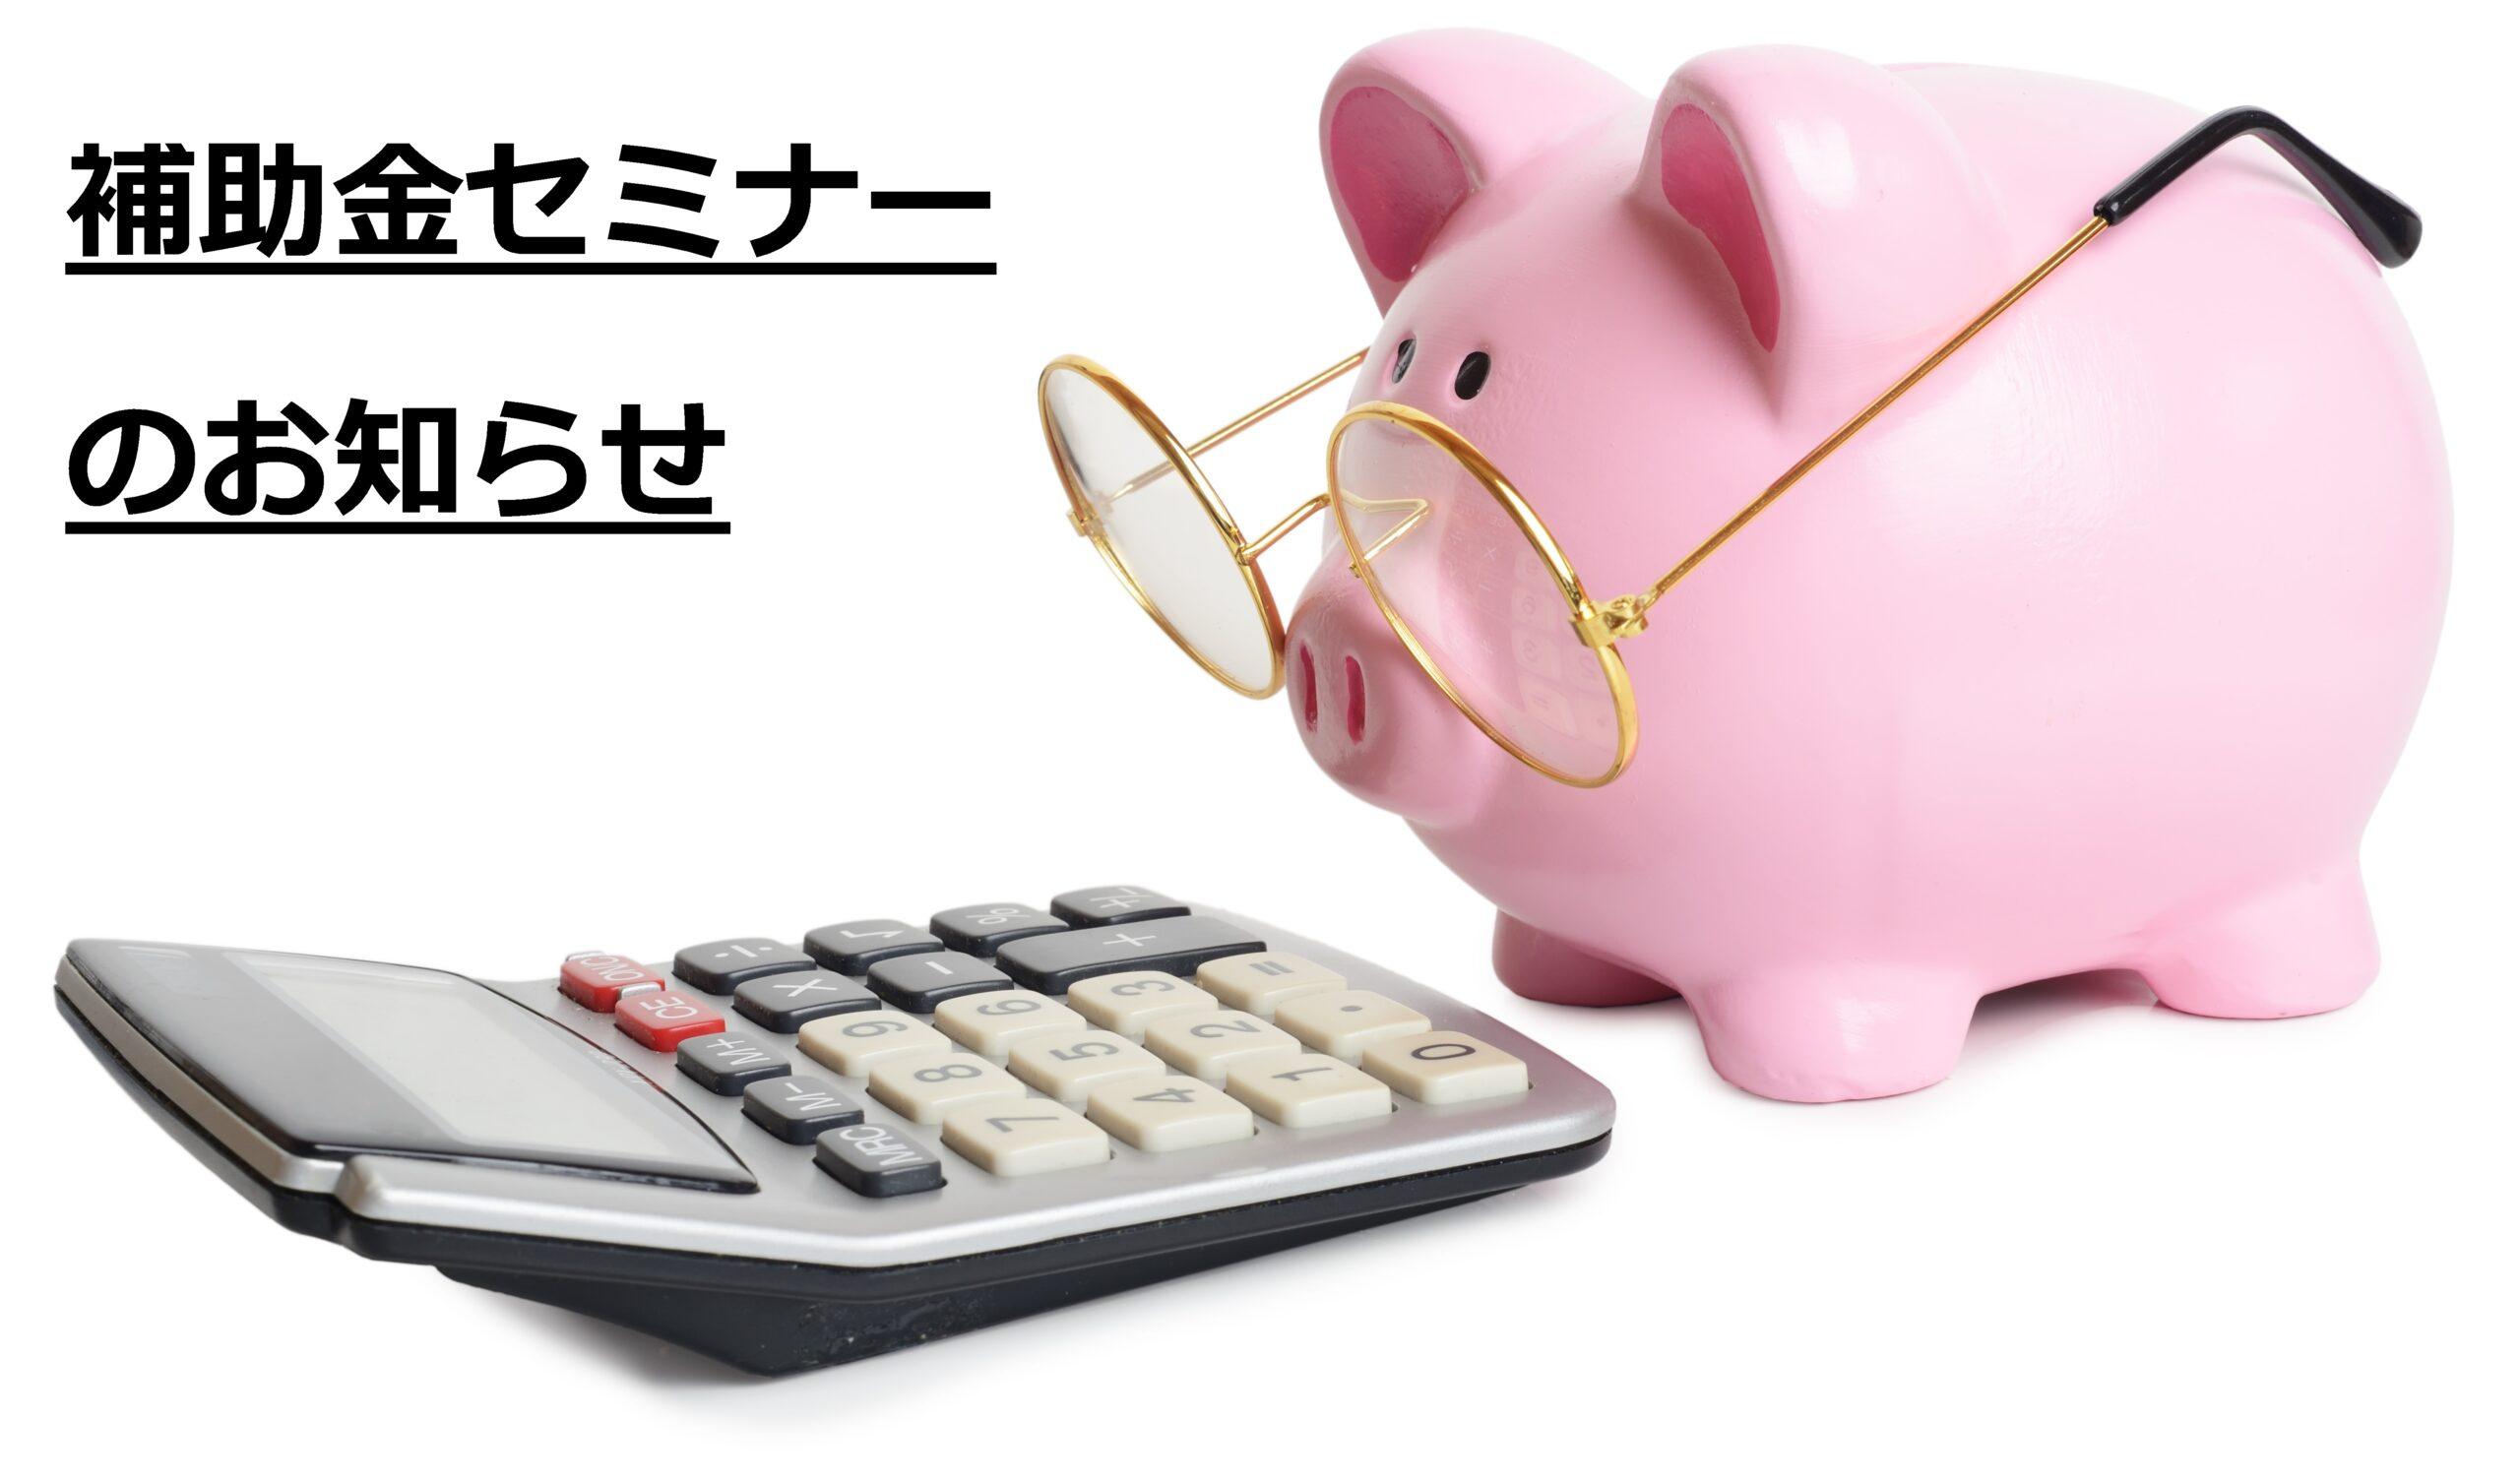 補助金セミナー、(令和3年2月27日)